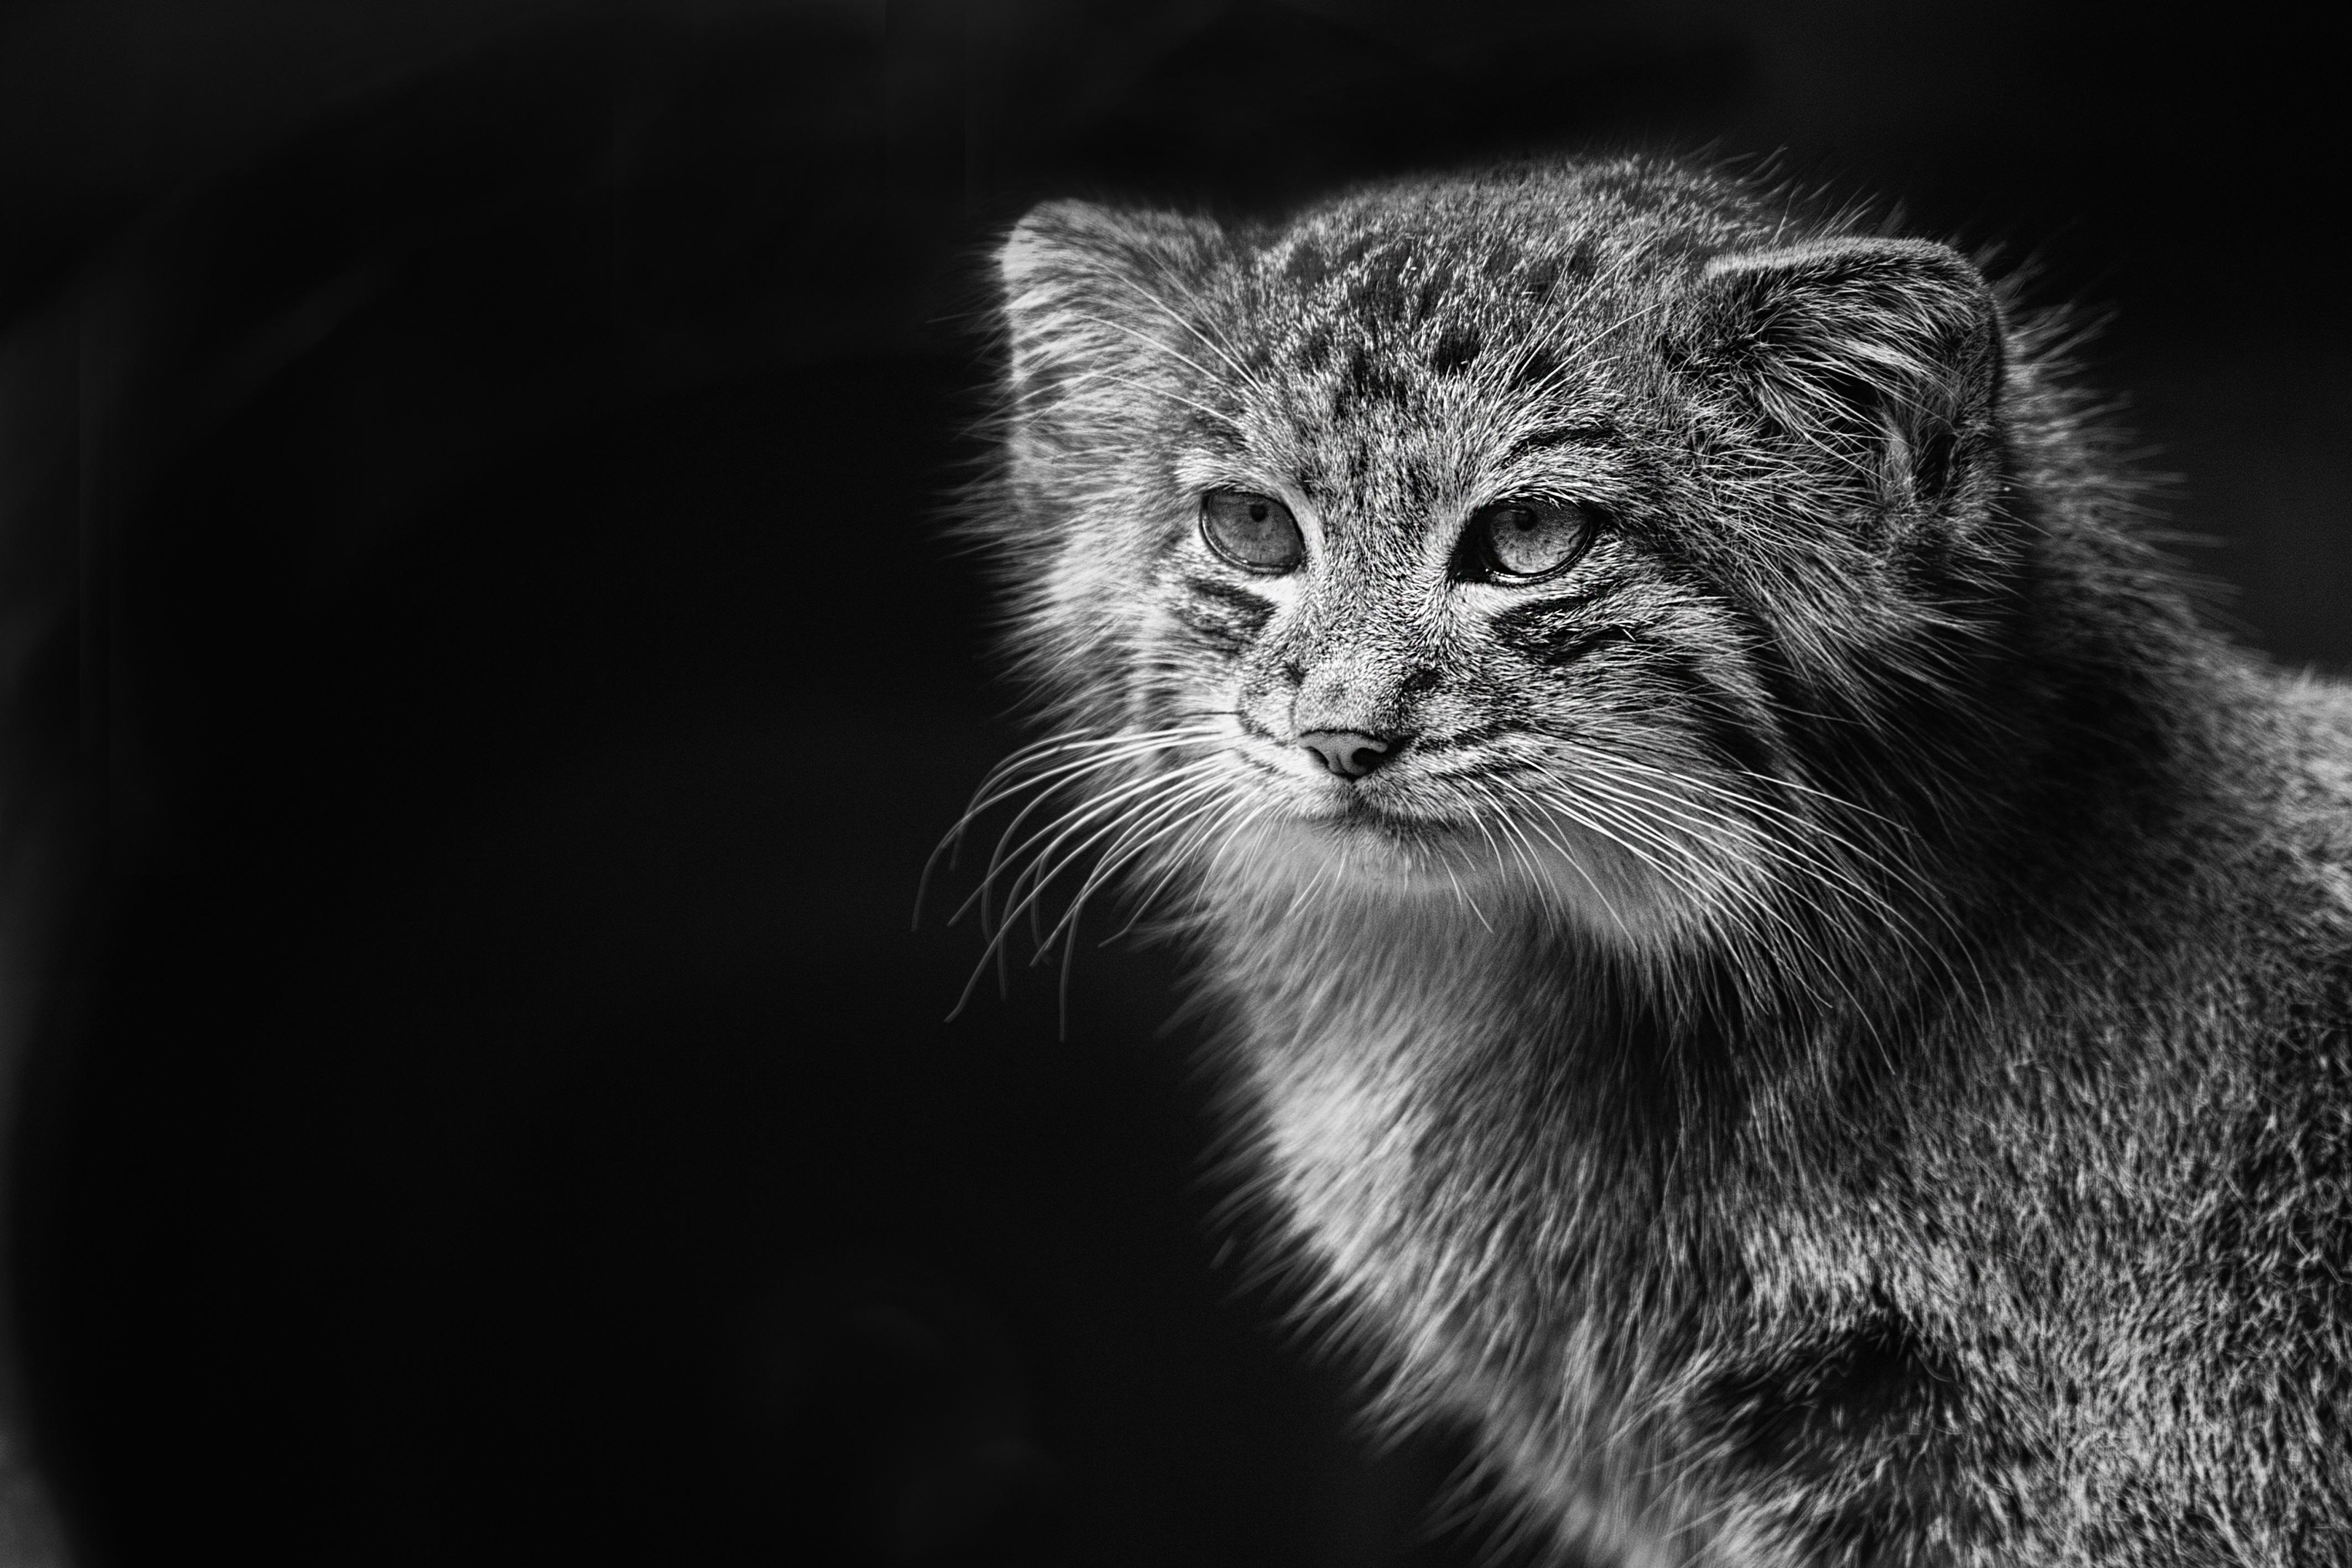 Super Images Gratuites : la nature, noir et blanc, zoo, félin  JZ17